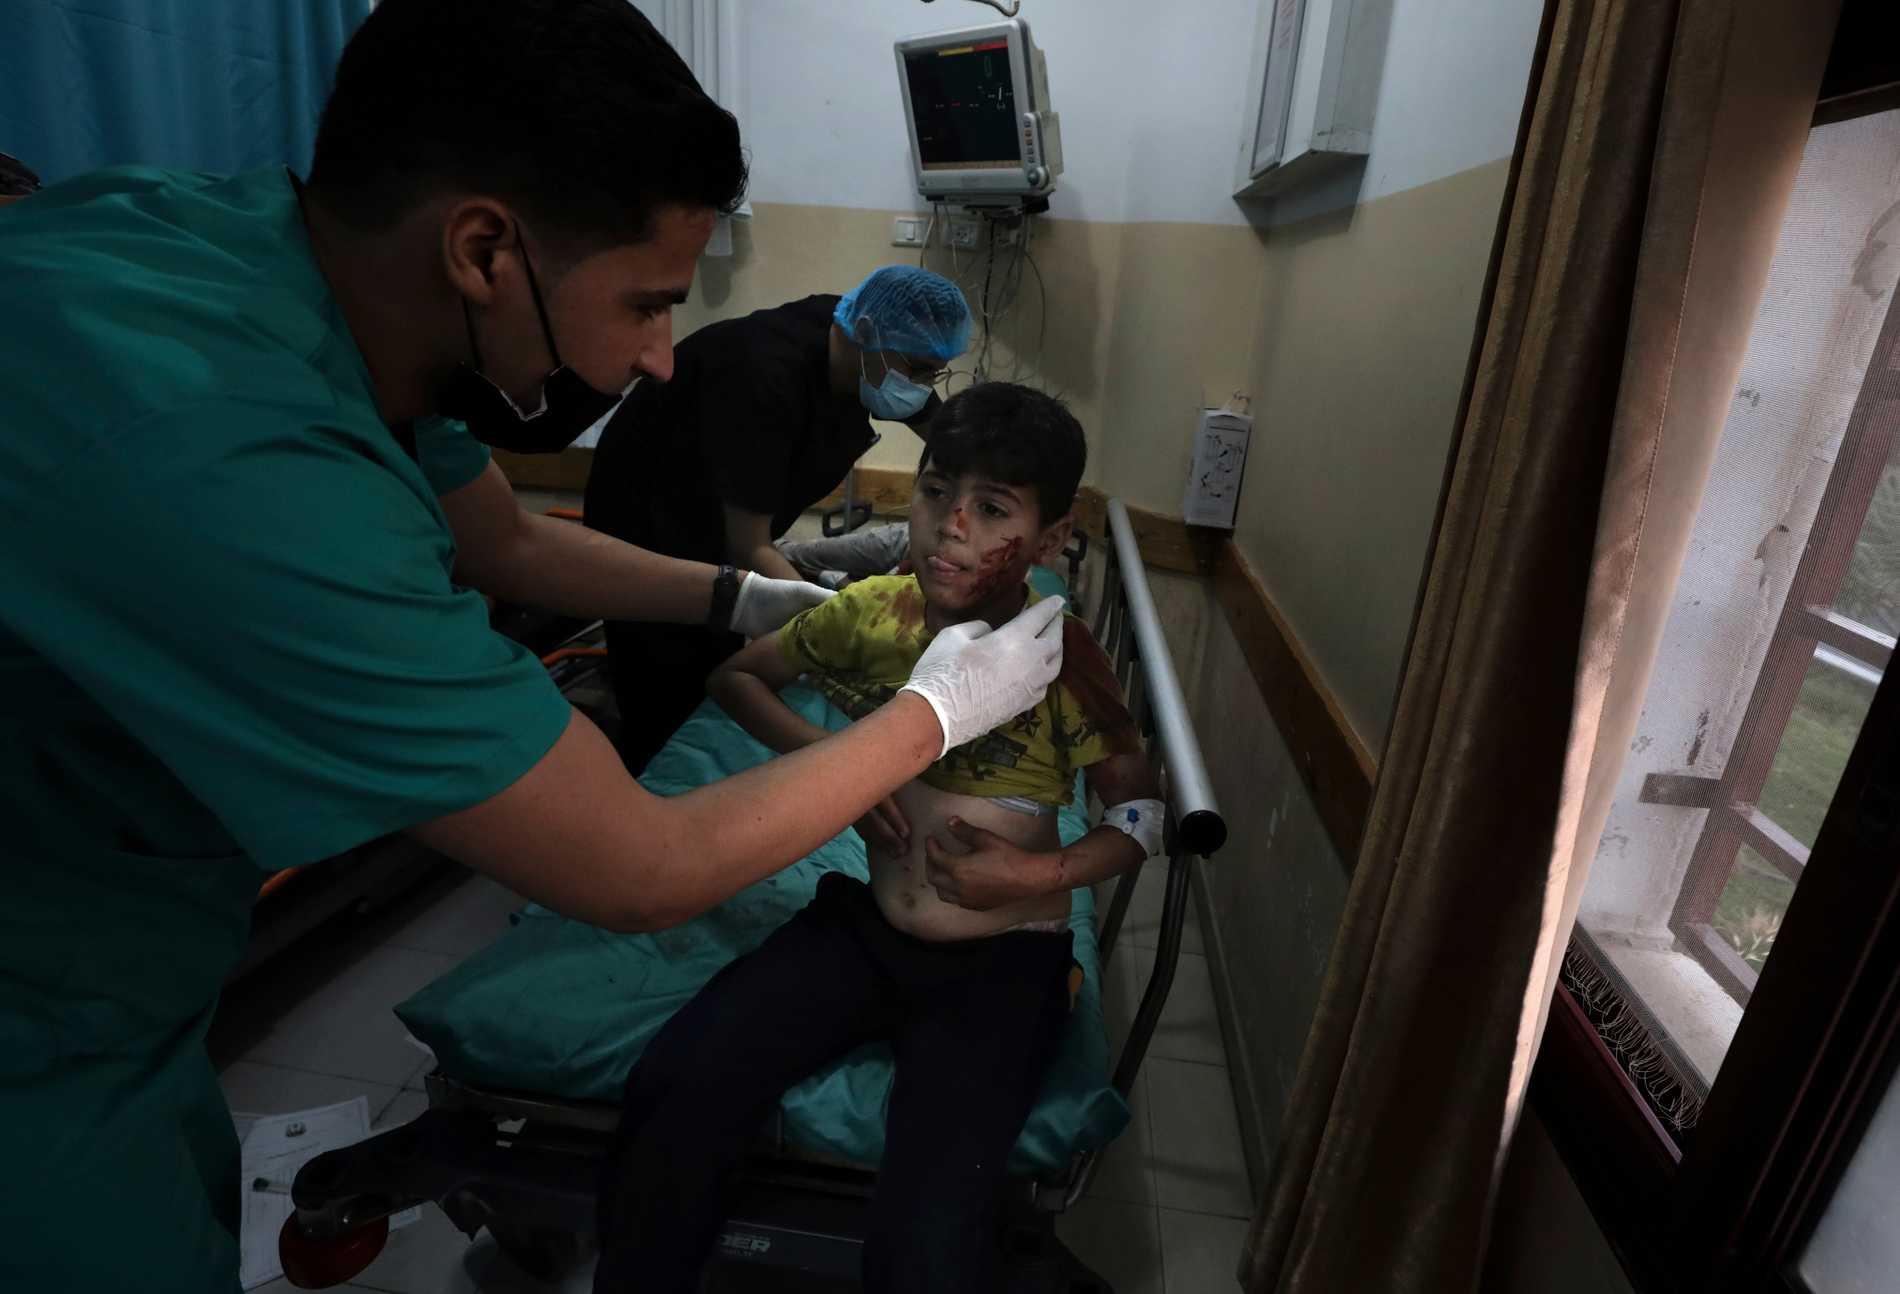 En pojke vårdas på sjukhus efter en explosion i staden Beit Lahiya vid Gazaremsan. De senaste dagarna har konflikten mellan Israel och Palestina trappats upp.